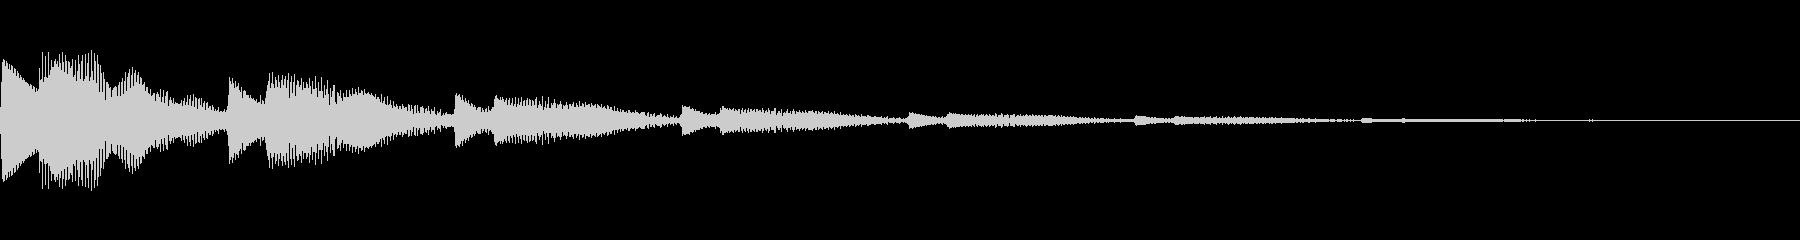 決定音/ボタン/システム/シンプル A1の未再生の波形